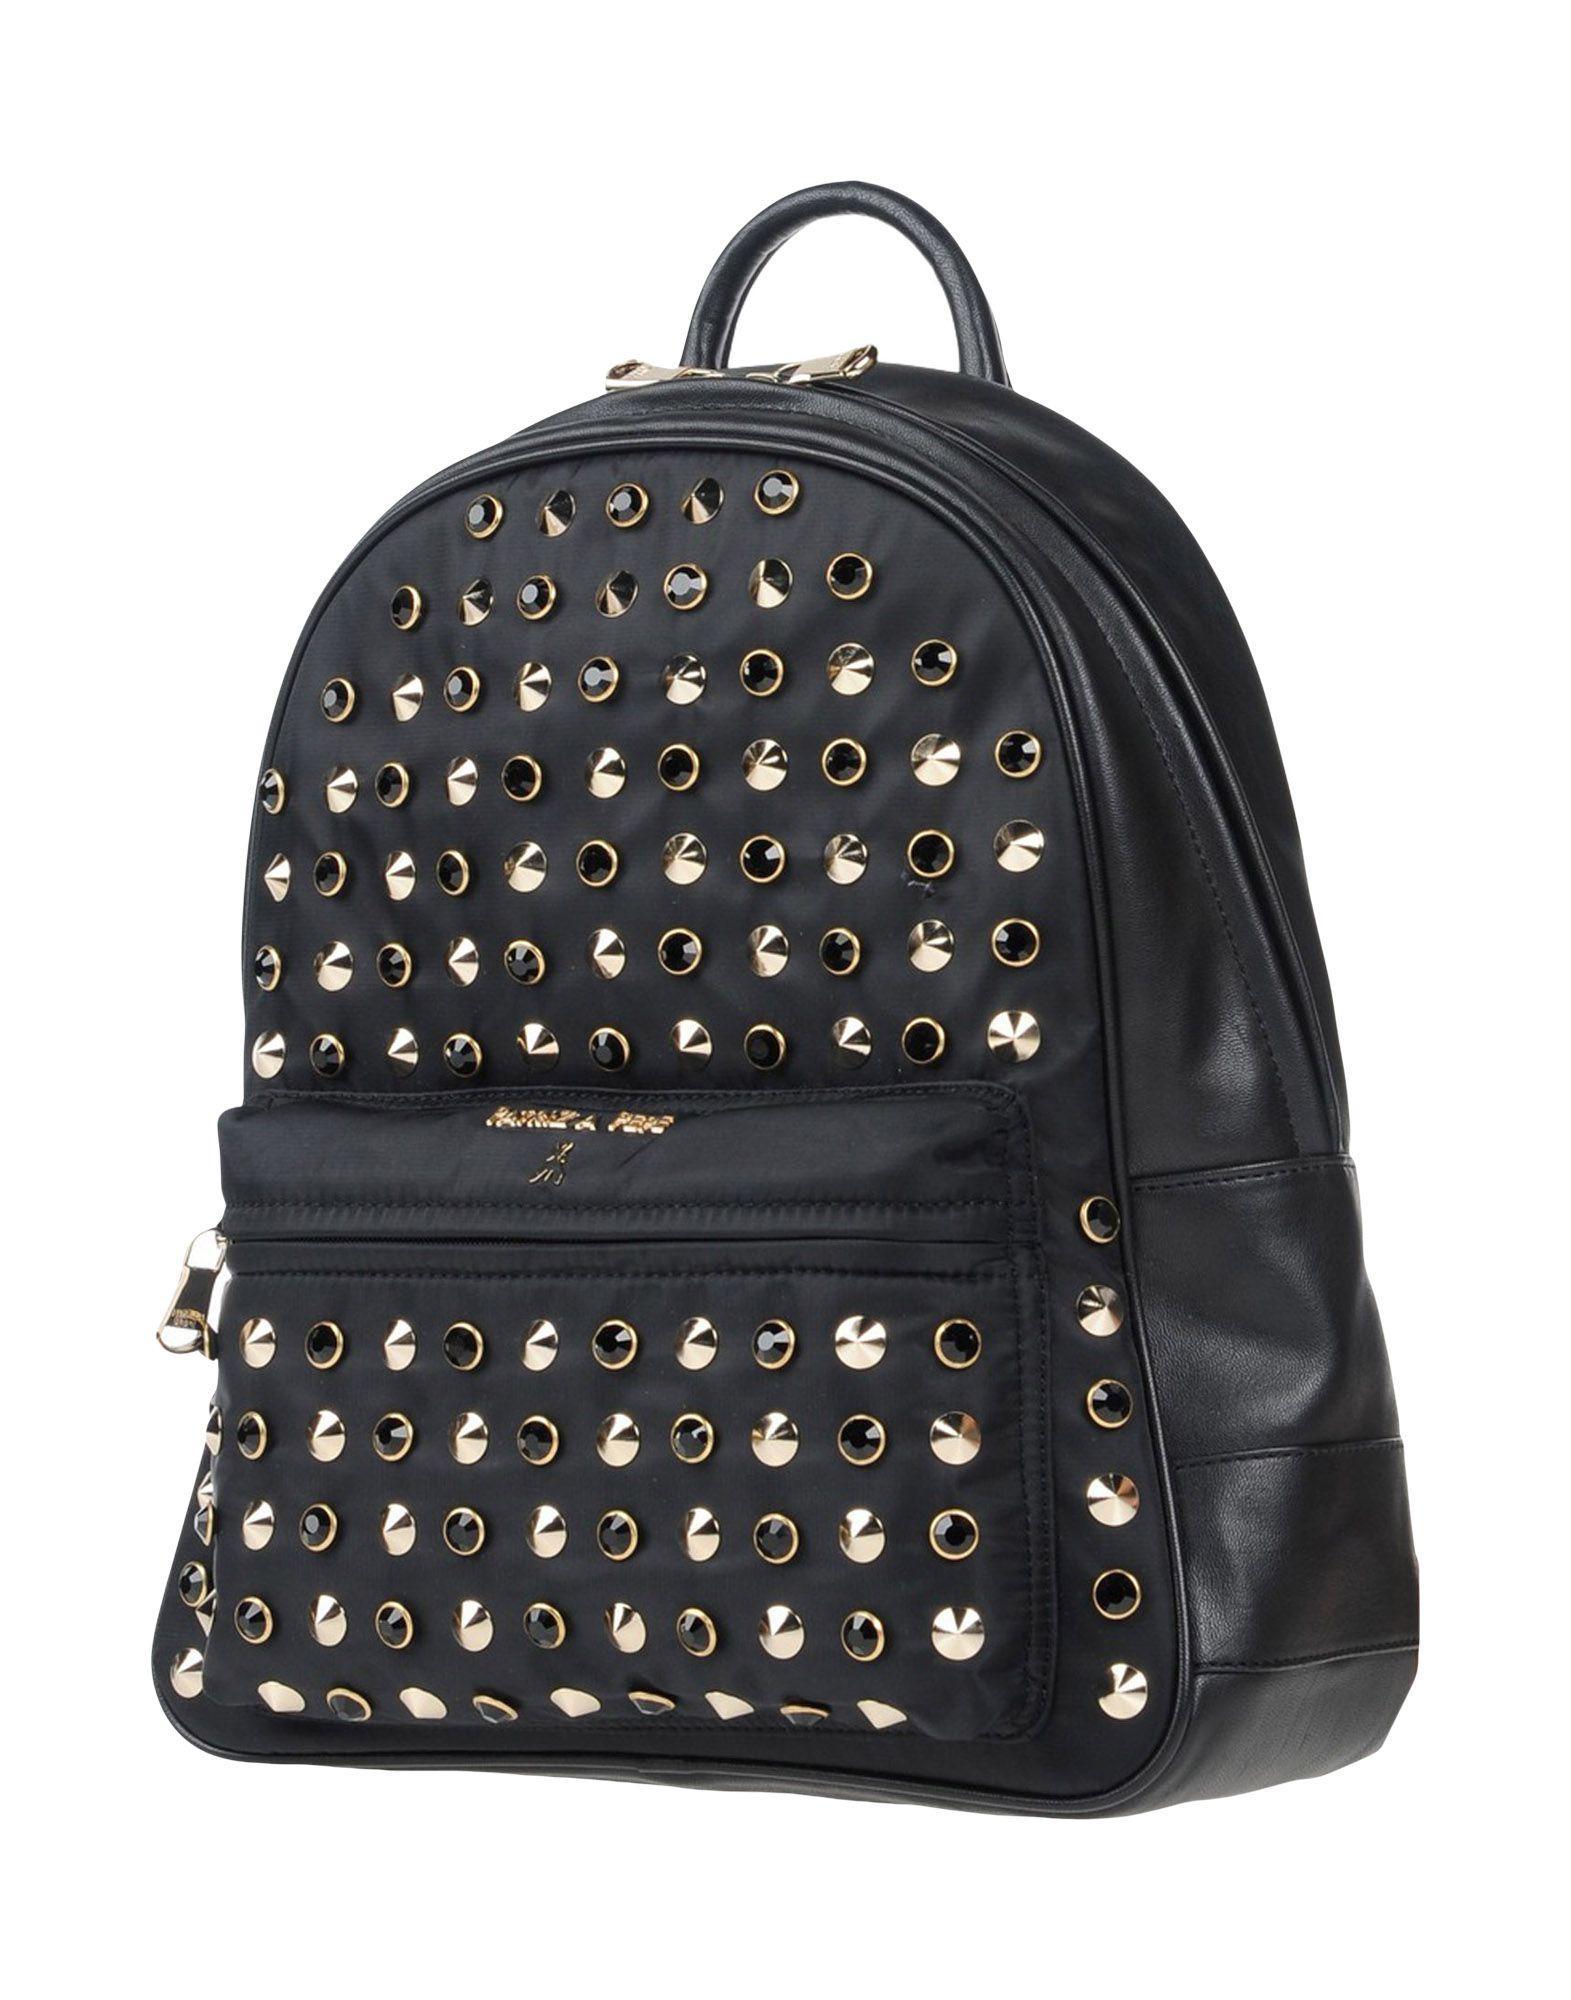 Patrizia Pepe Backpacks & Fanny Packs In Black